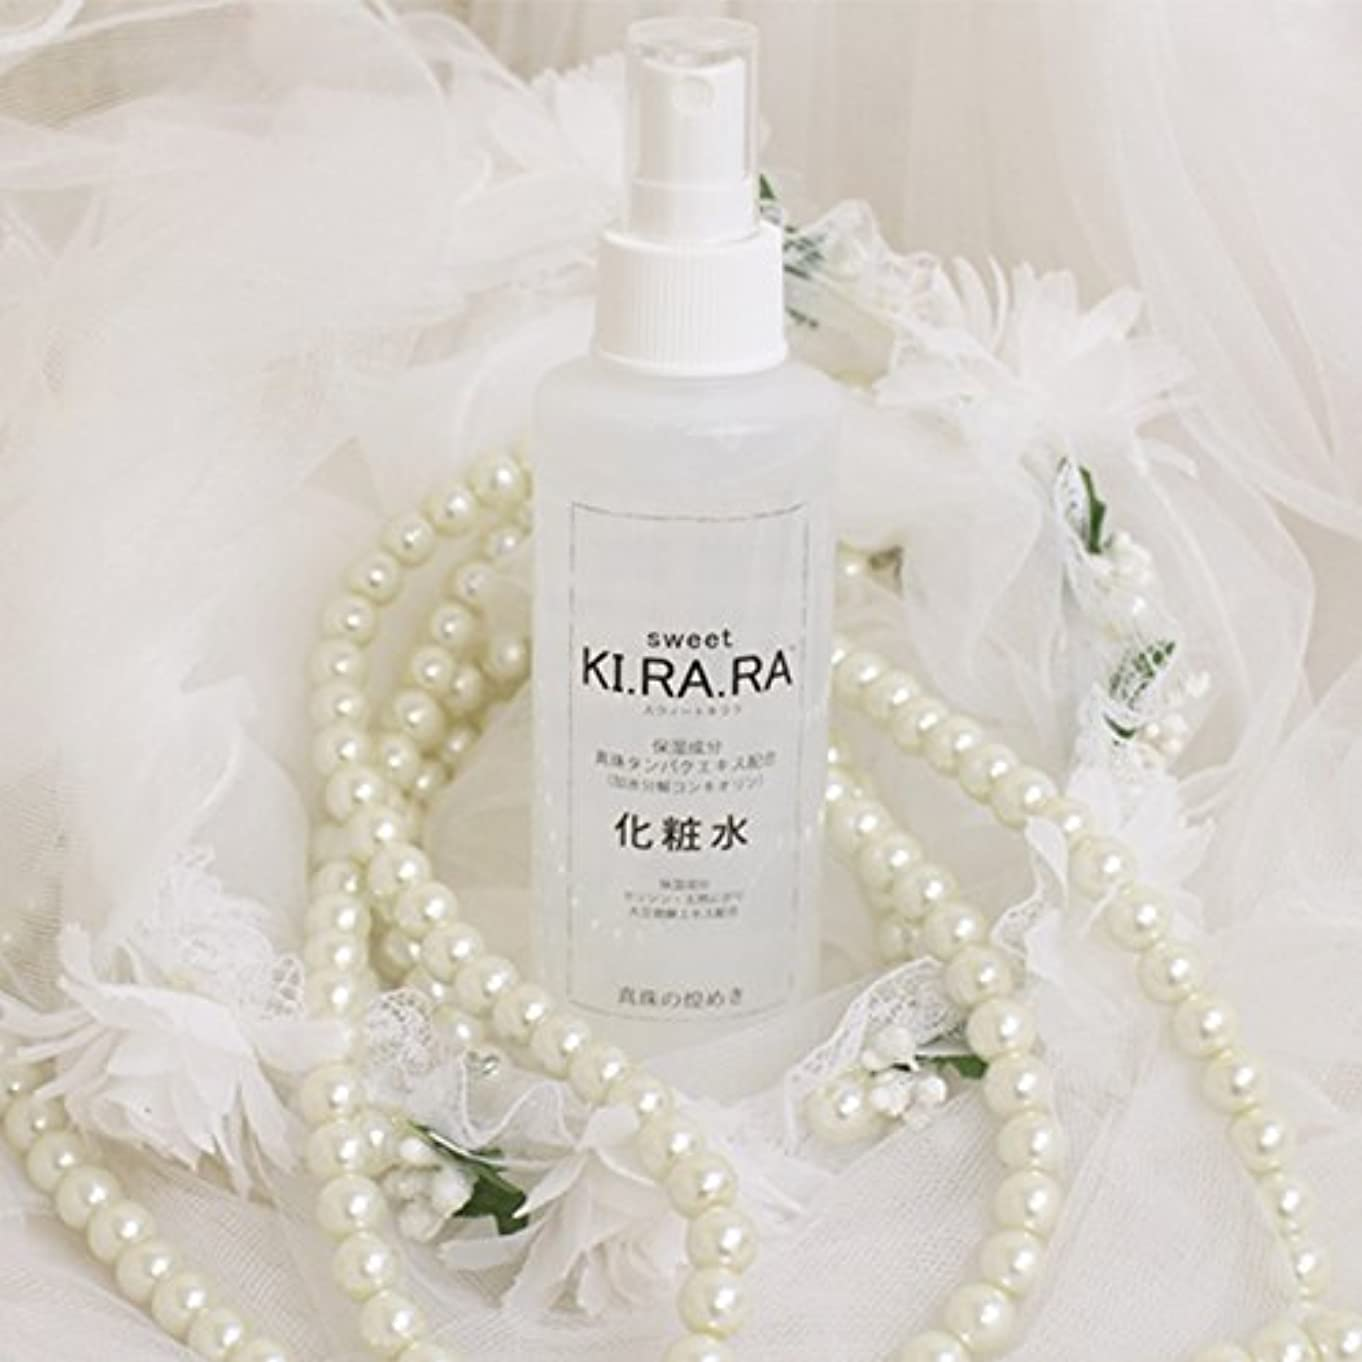 ミュージカル論理的にとげのあるsweet KI.RA.RA スウィートキララ 化粧水 ナチュラルローション 真珠タンパクエキス配合 150ml